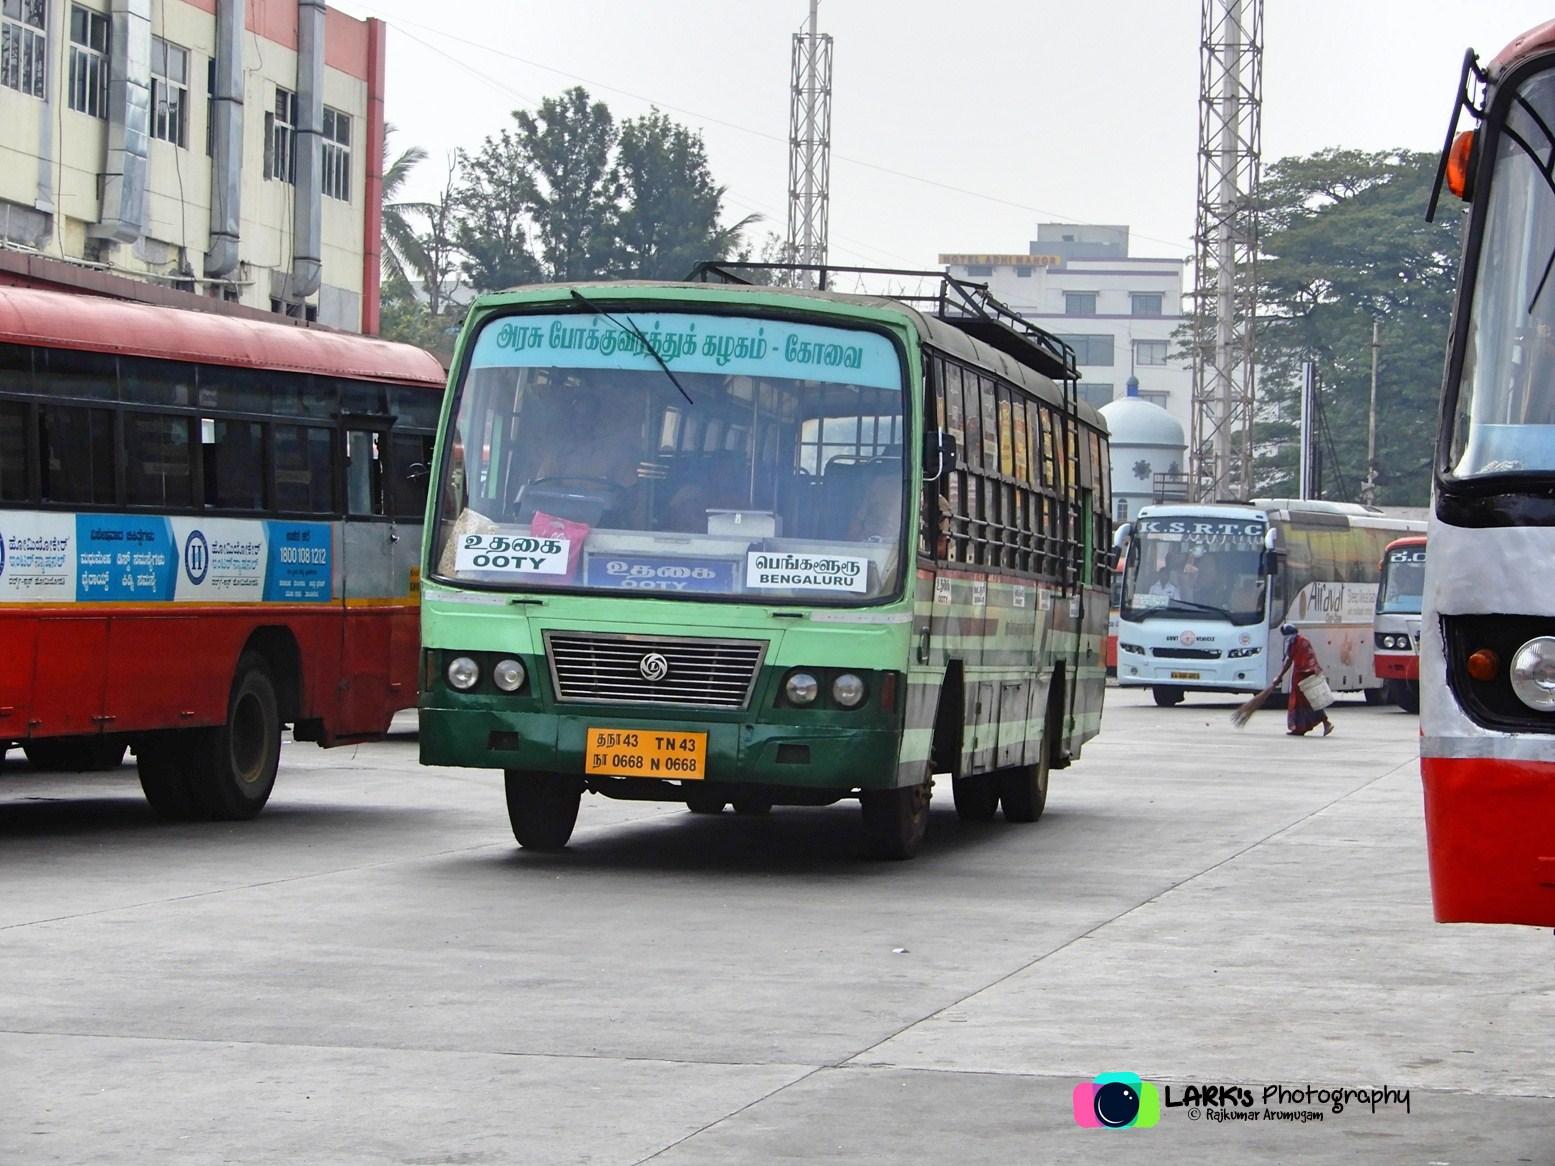 Ooty – Bangalore – [TN 43 N 0668]